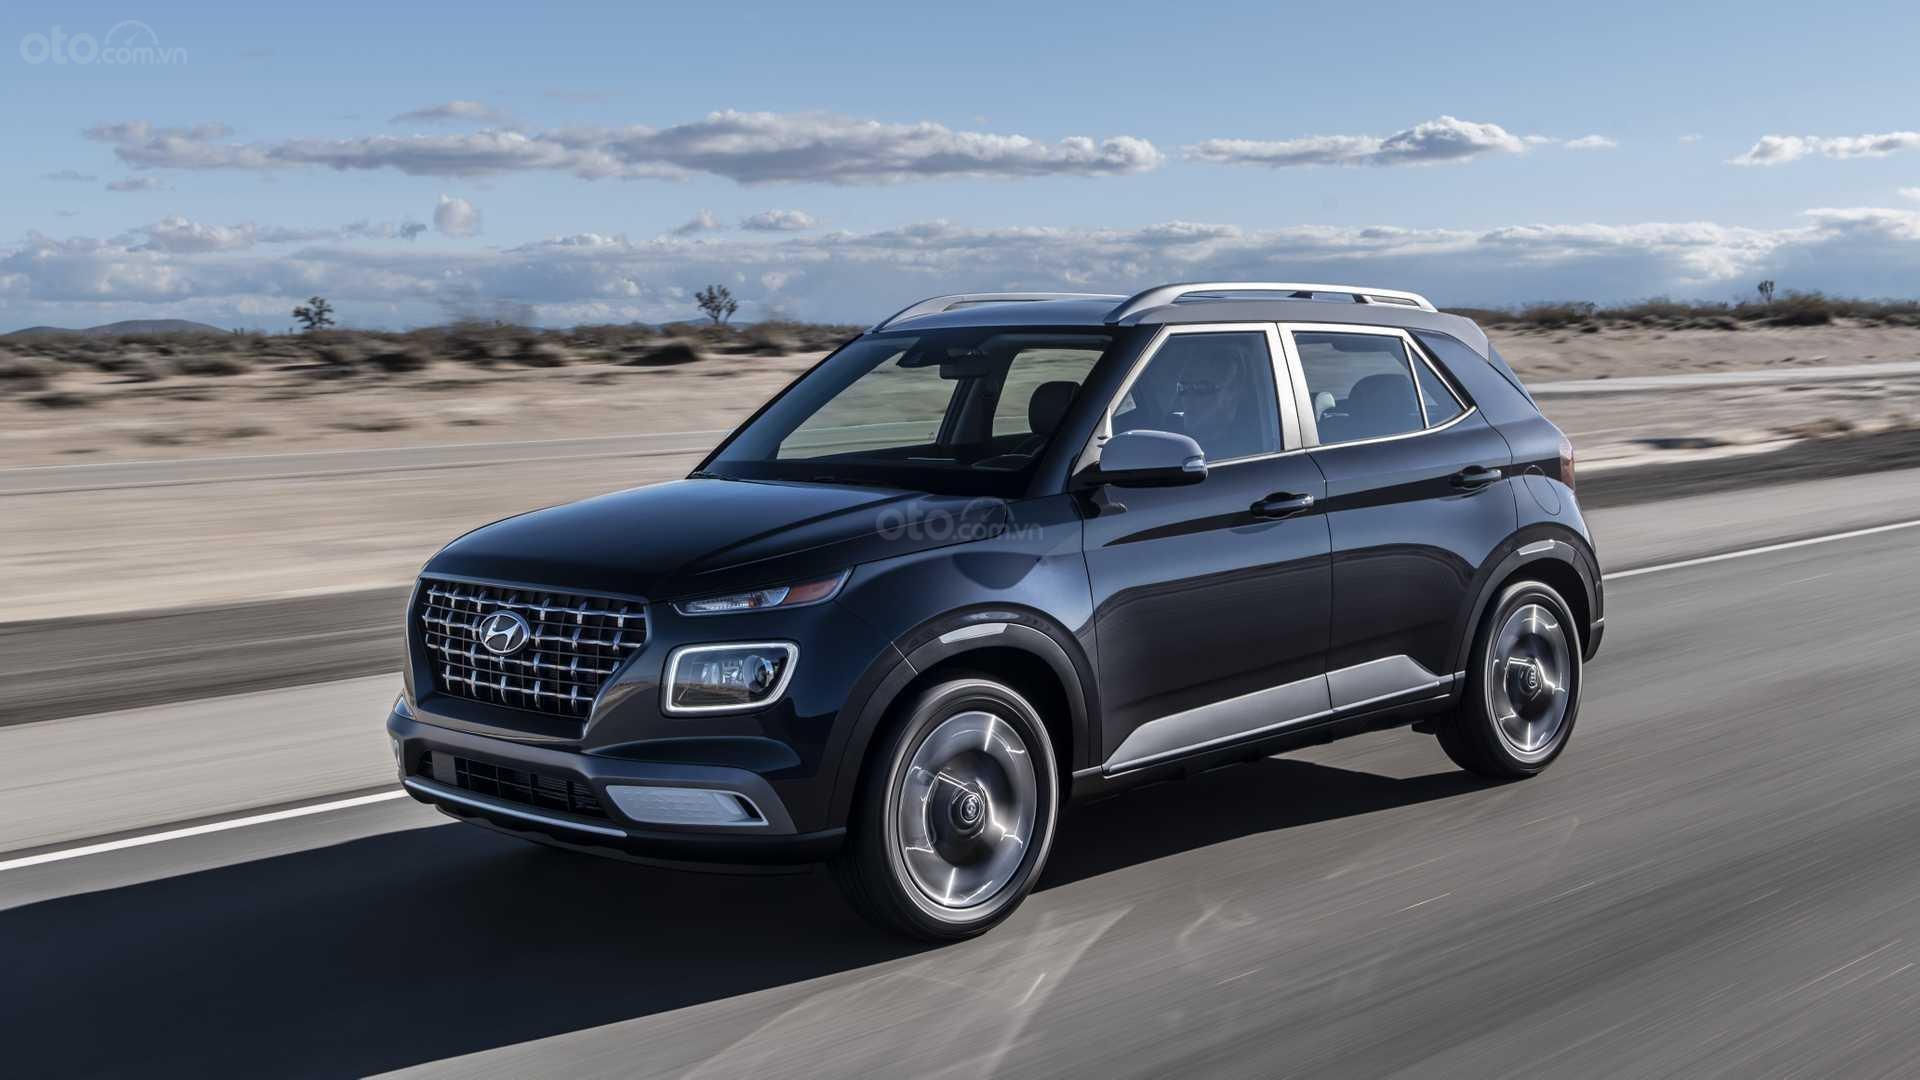 Hyundai Venue 2020 đang chạy trên đường